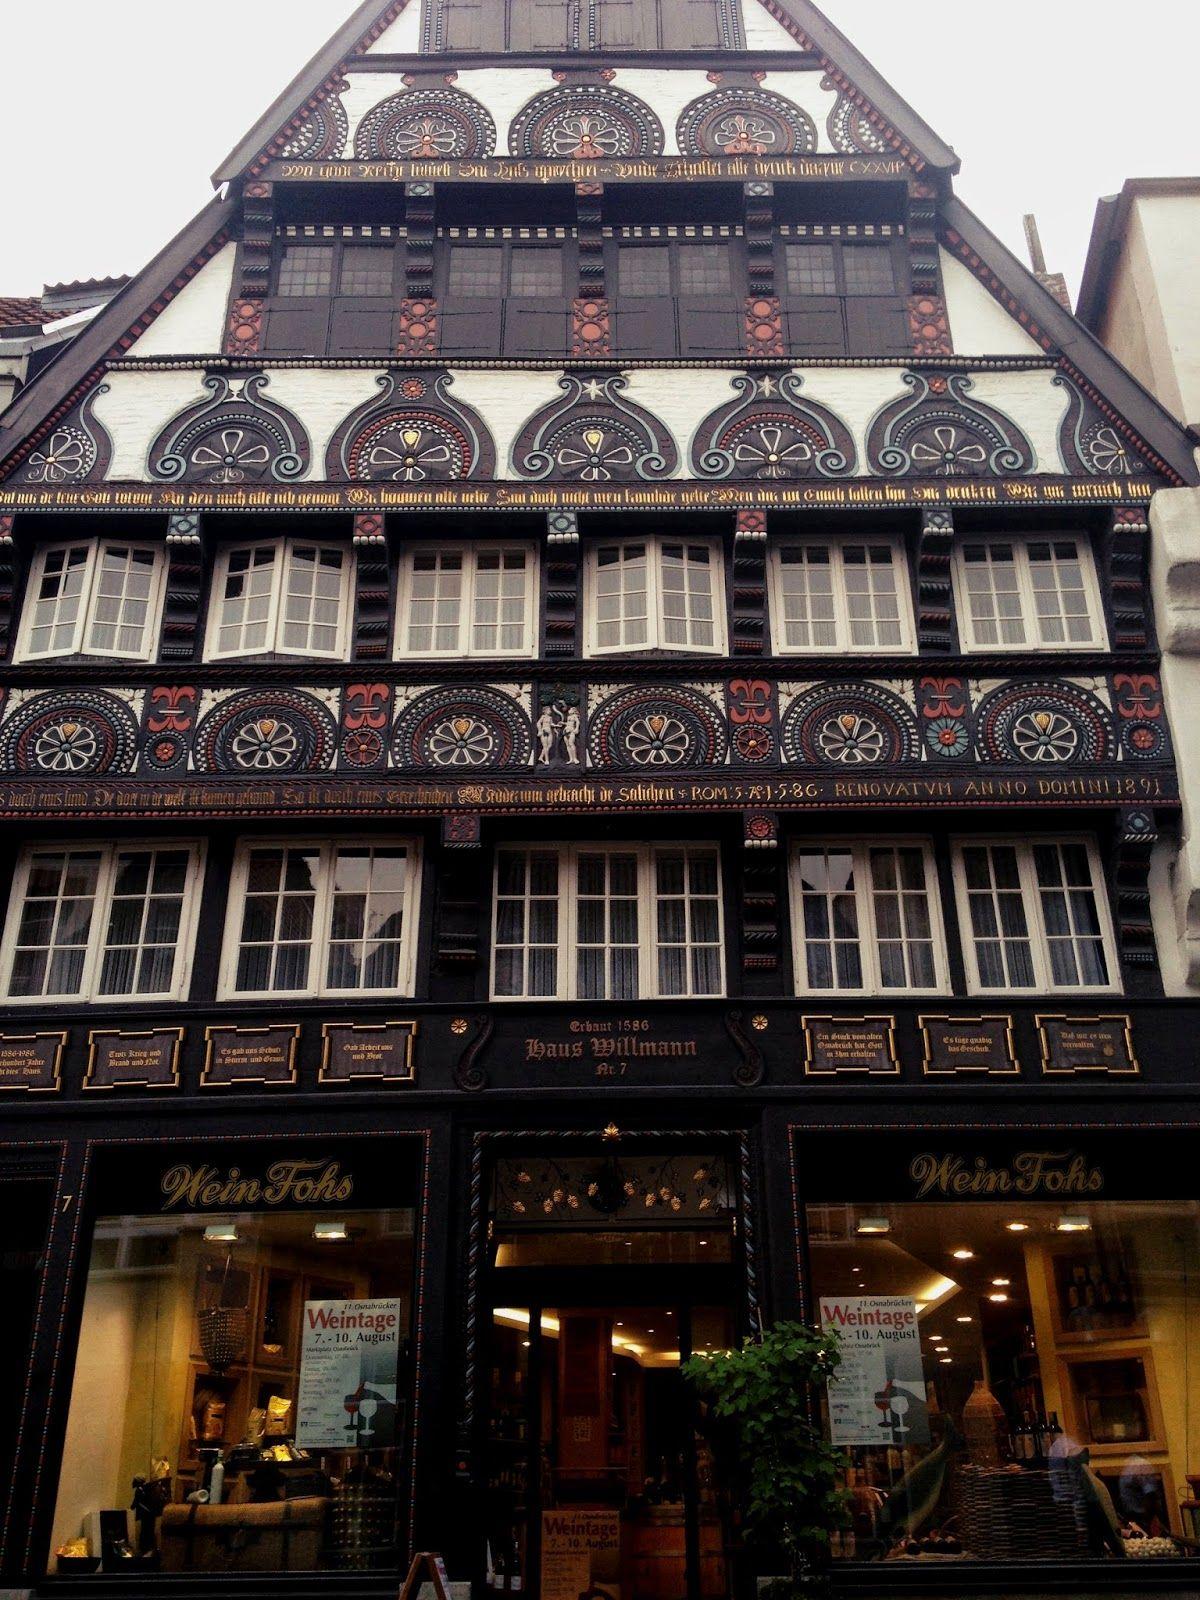 Deluxe Fachwerkhaus In Osnabruck Germany Fachwerkhauser Osnabruck Haus